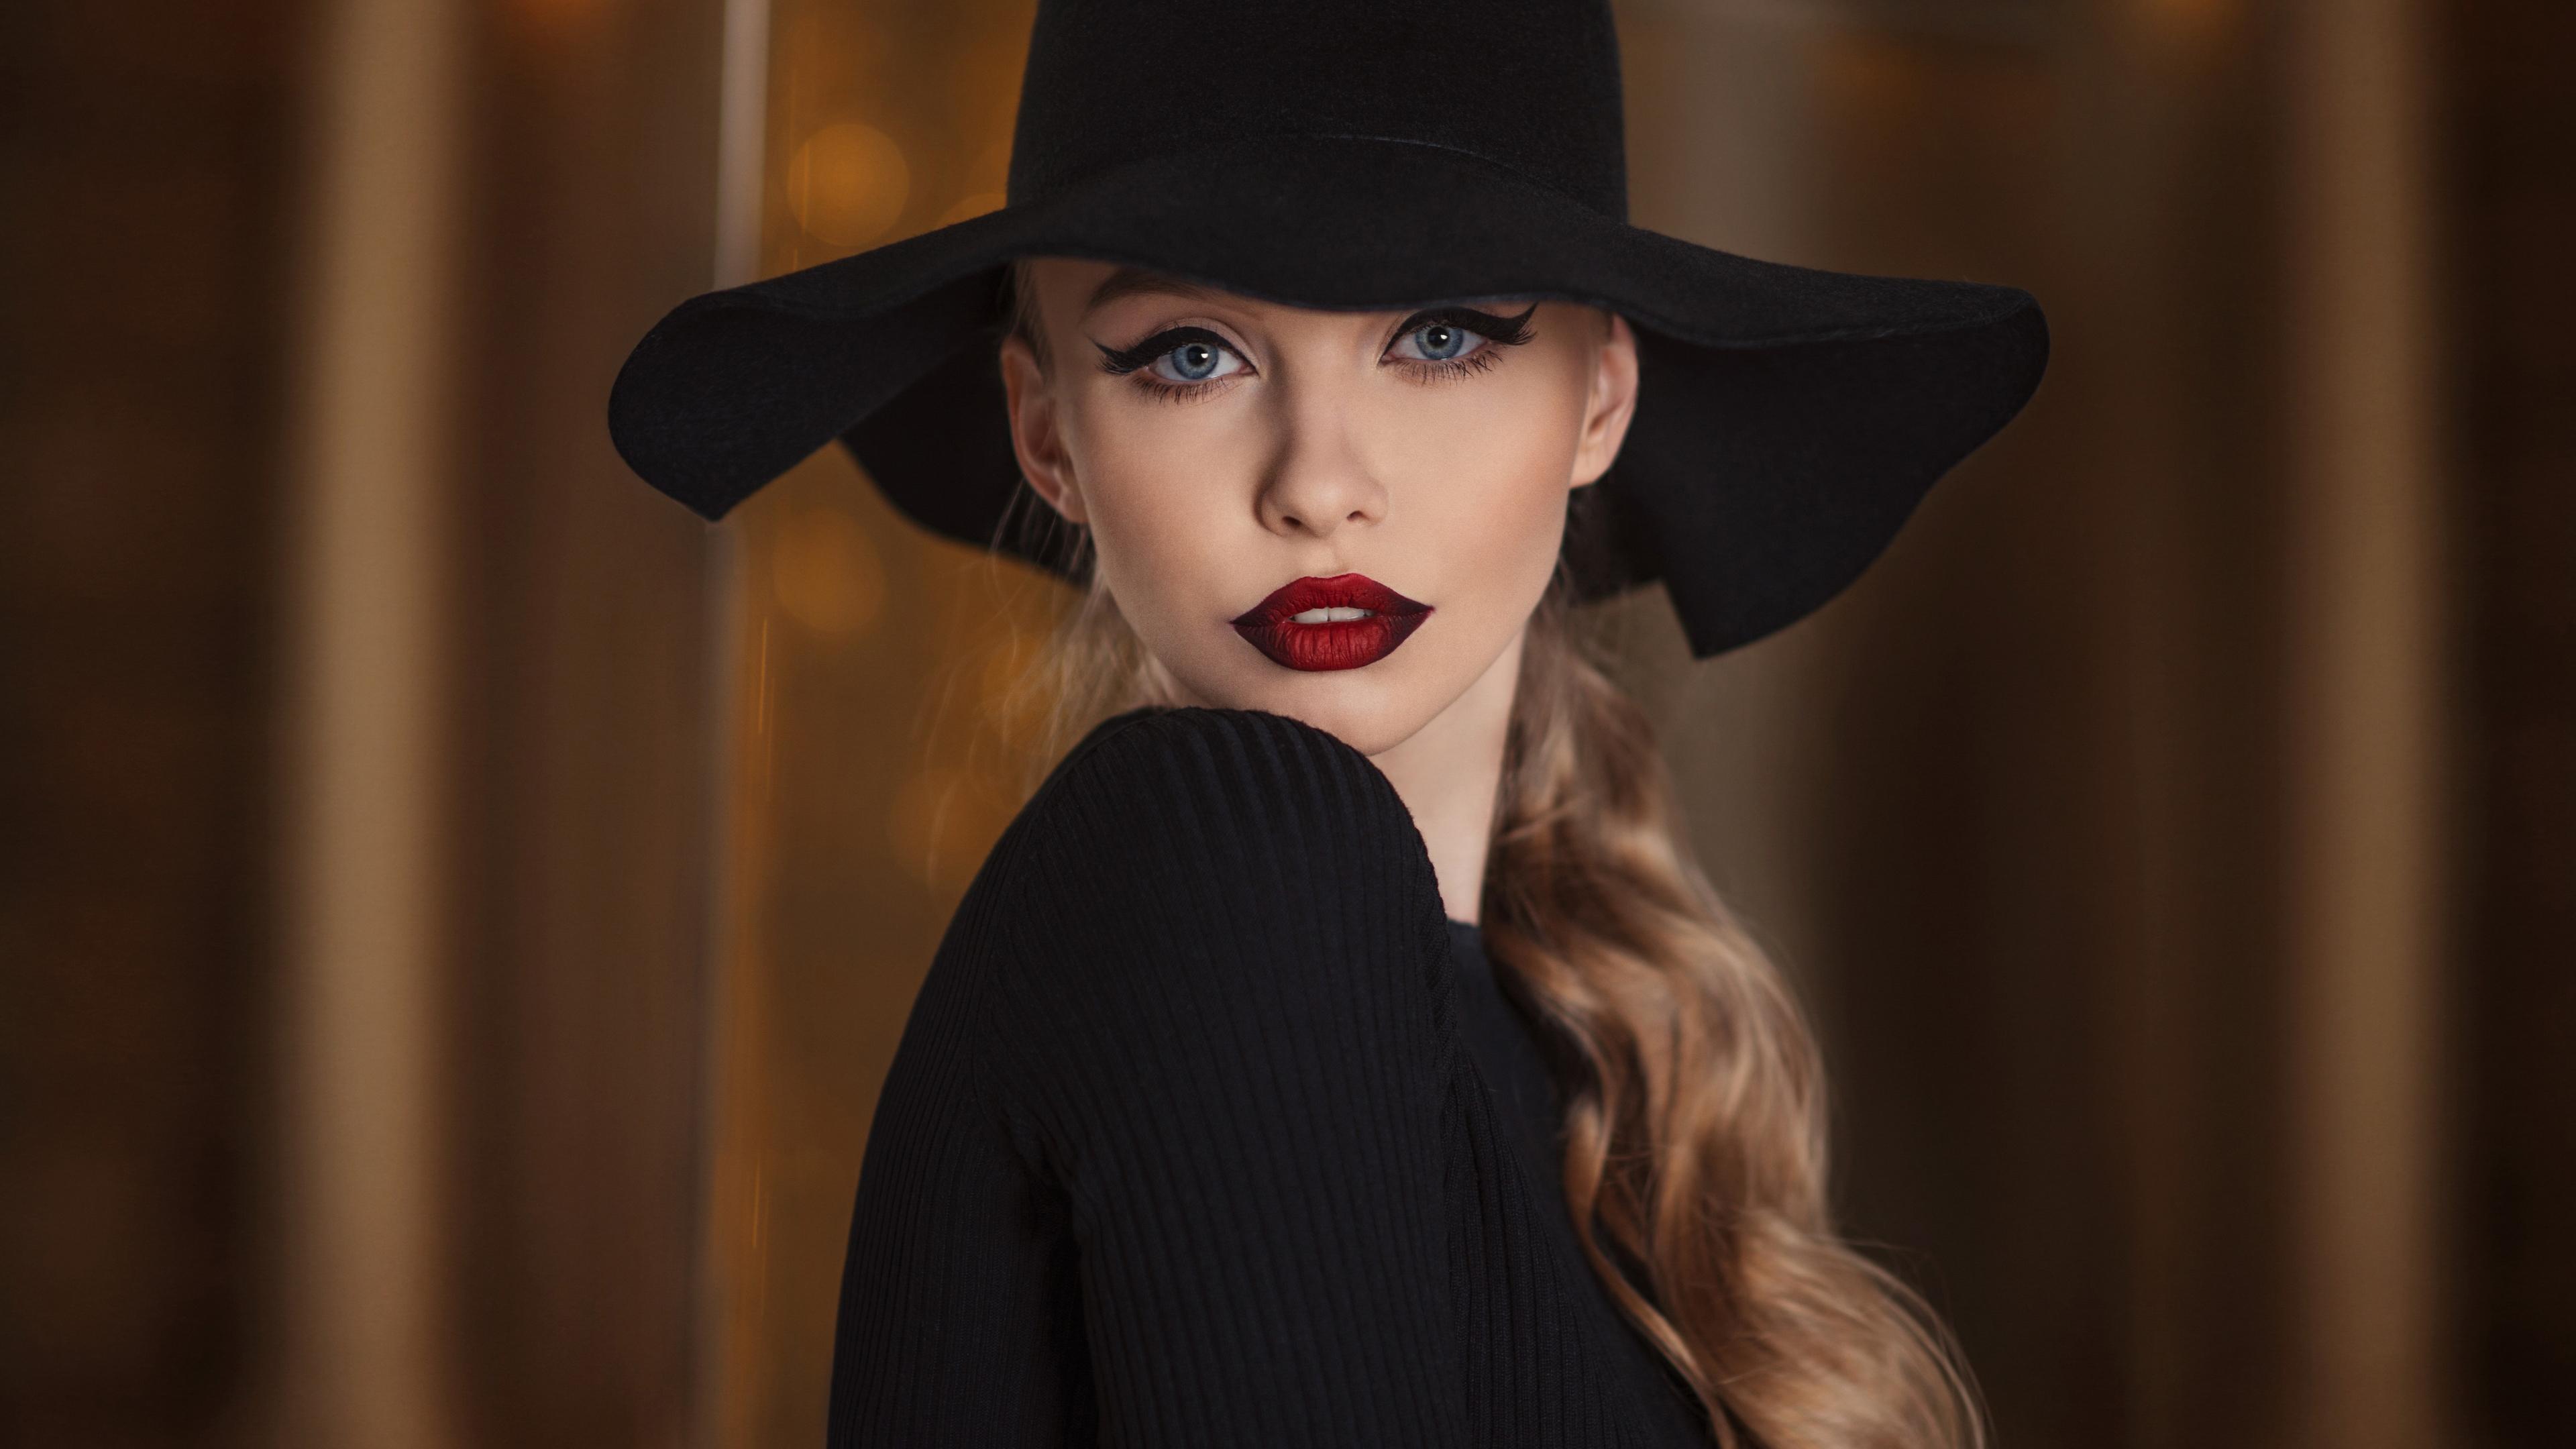 Светловолосая девушка в черной шляпе